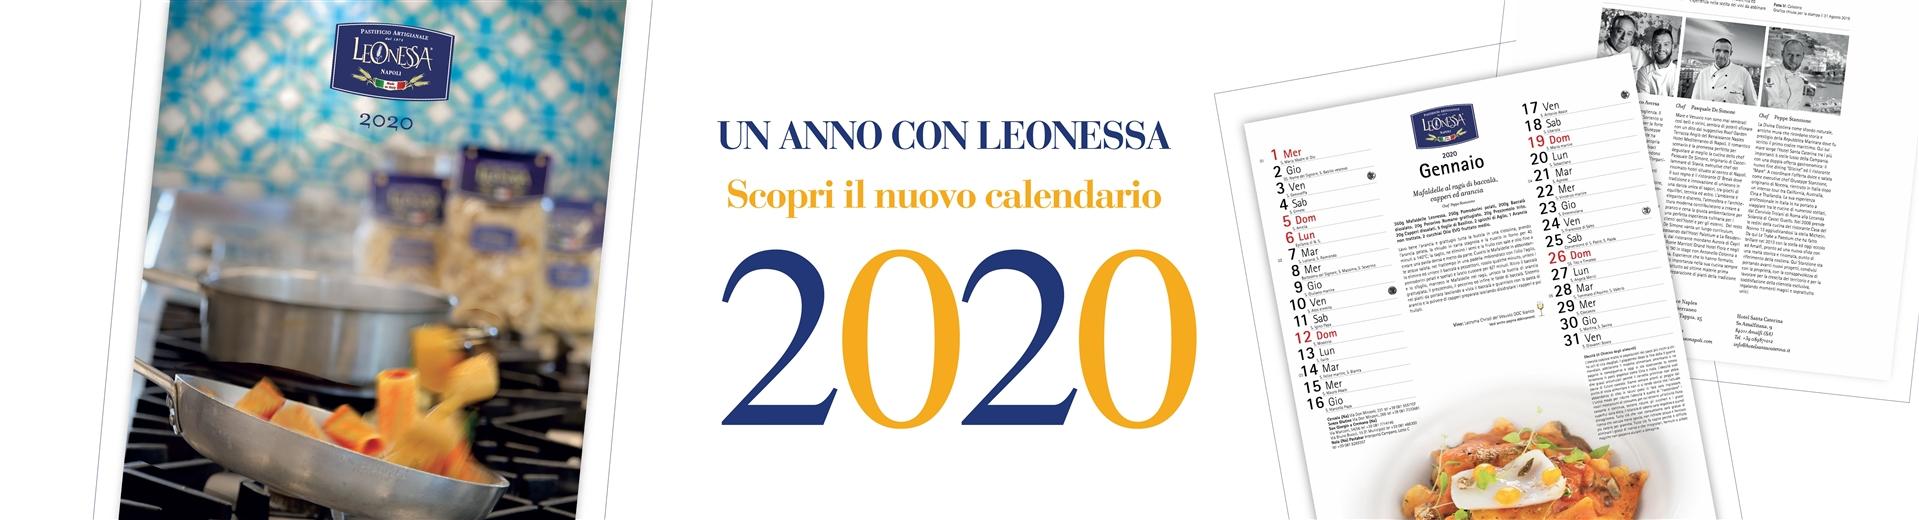 Calendario 2020 Pastificio Leonessa